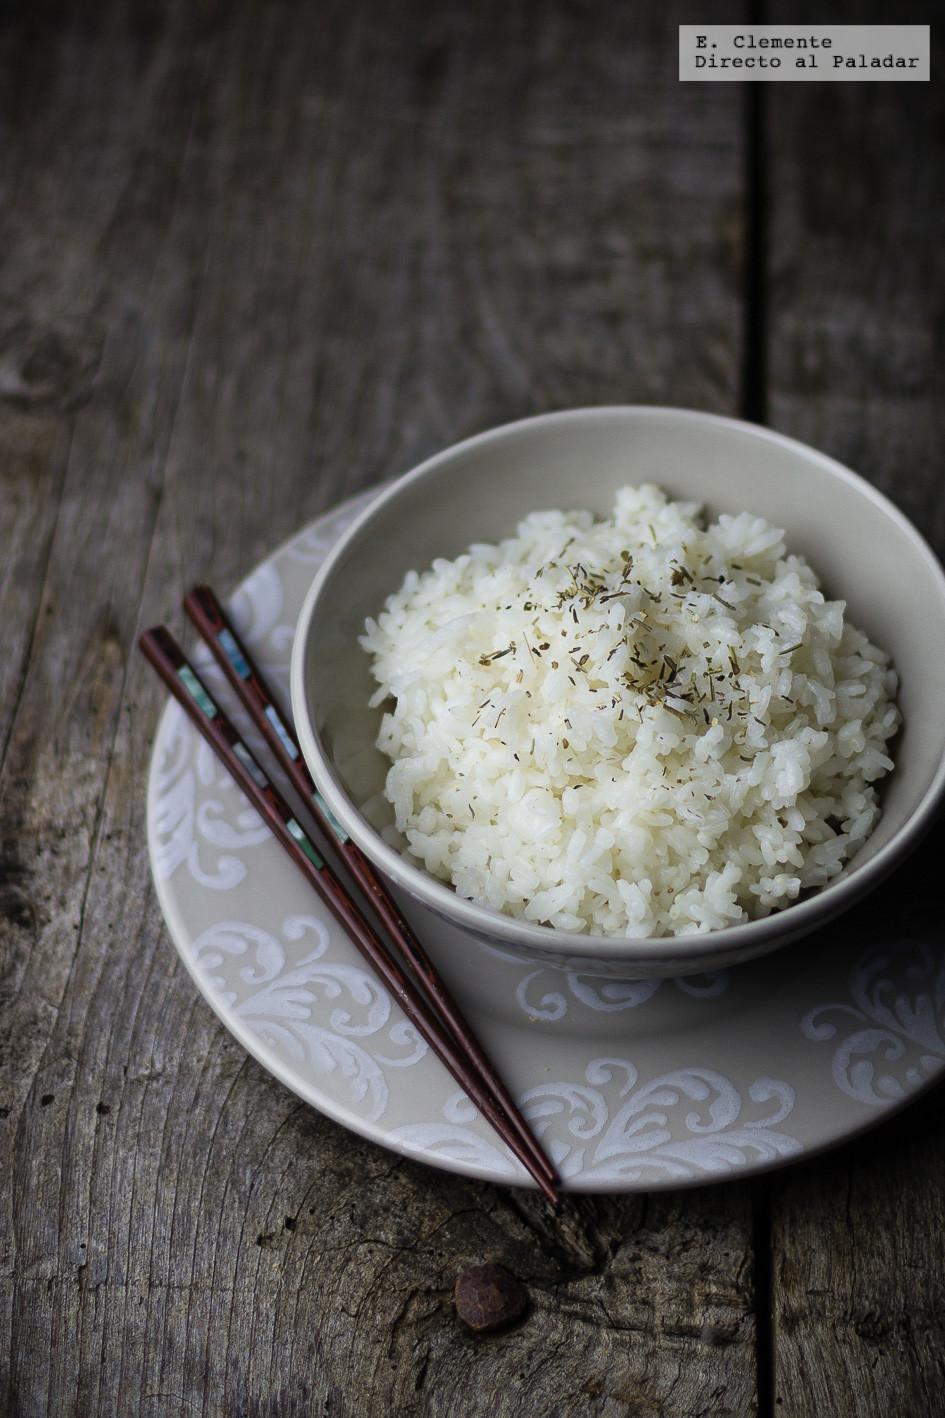 Cómo hacer arroz en blanco al microondas. Receta